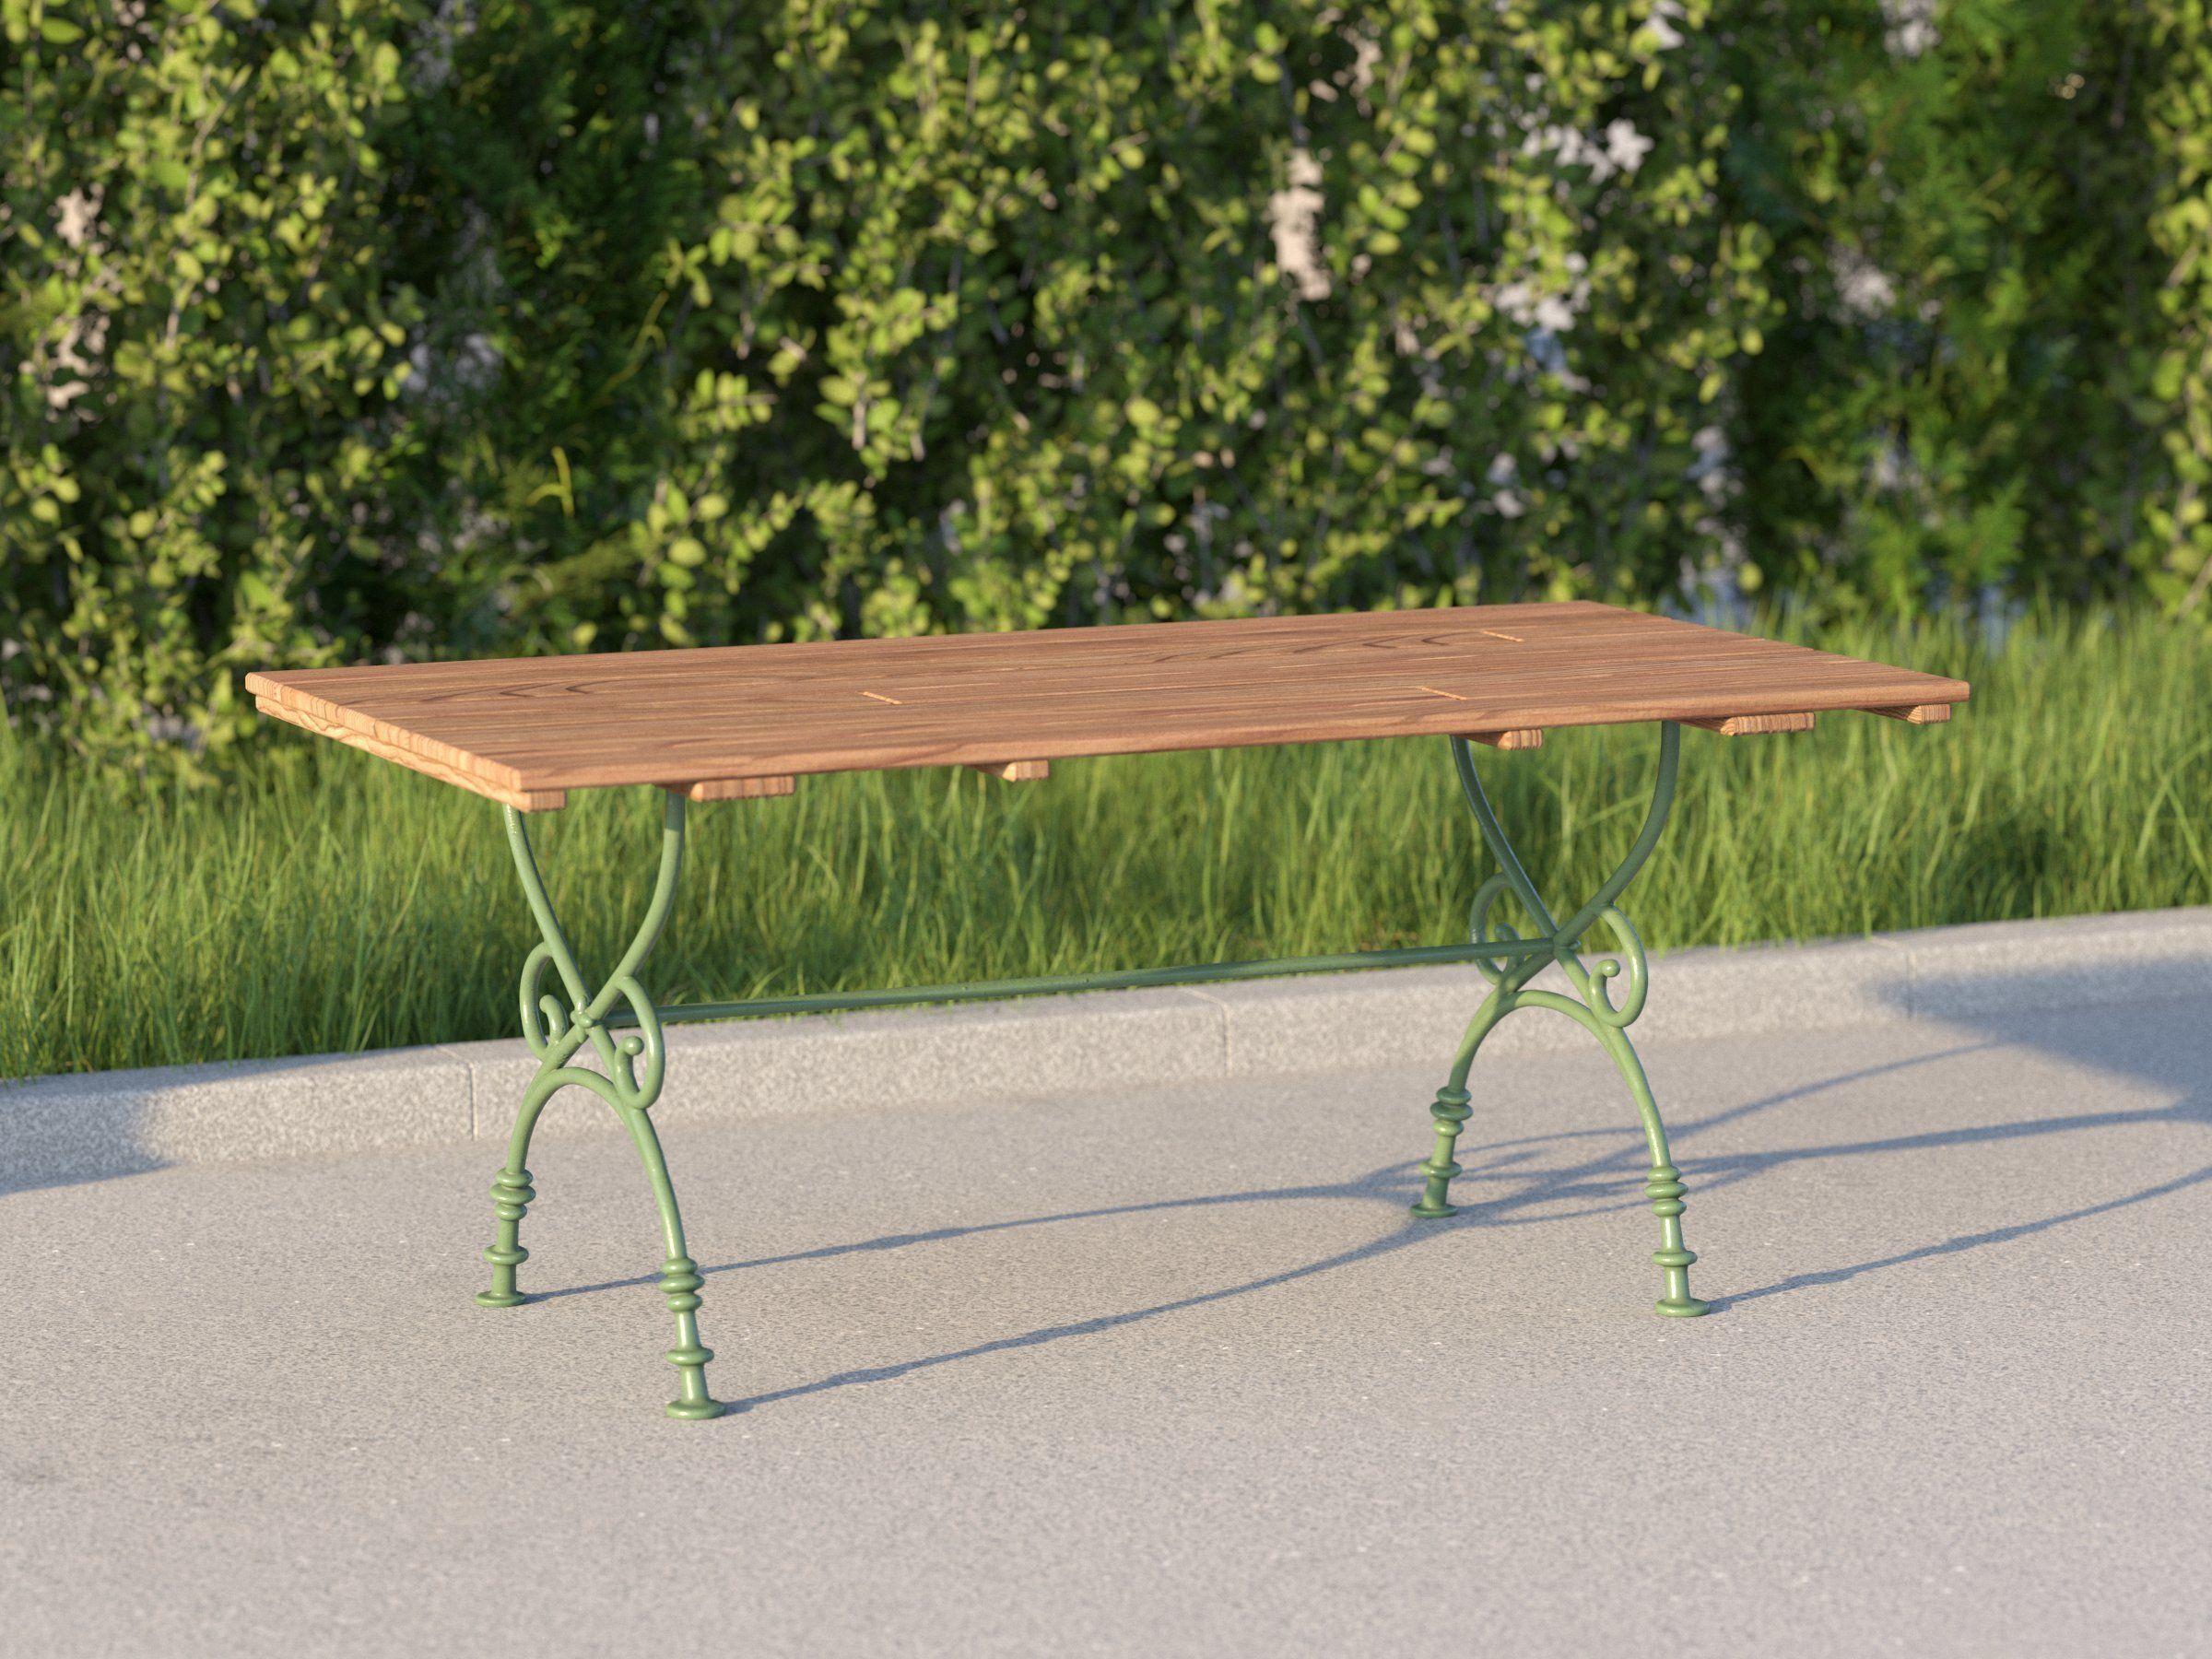 vienna public park table